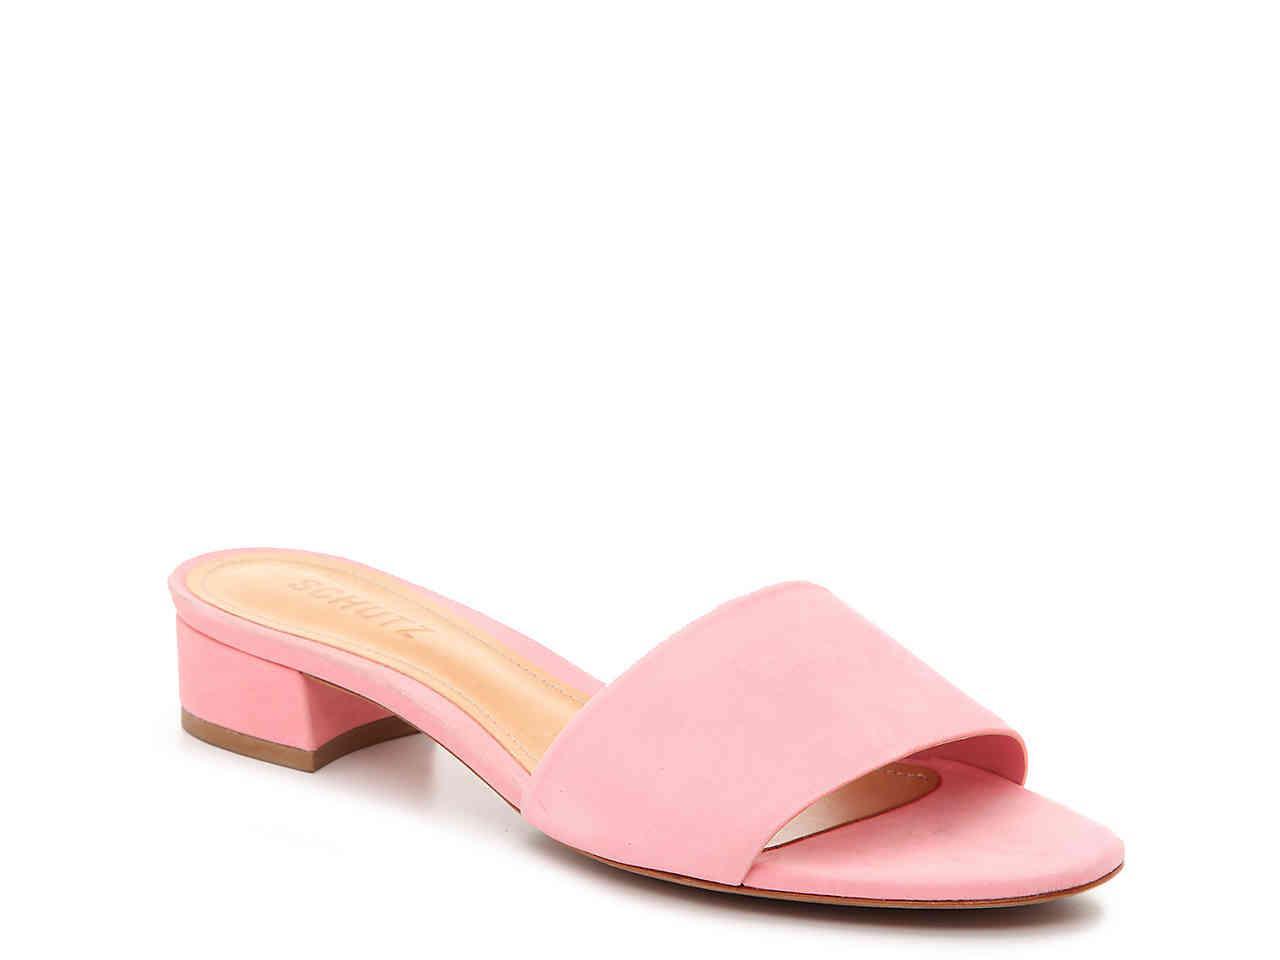 15198ece15e0 Lyst - Schutz Elke Sandal in Pink